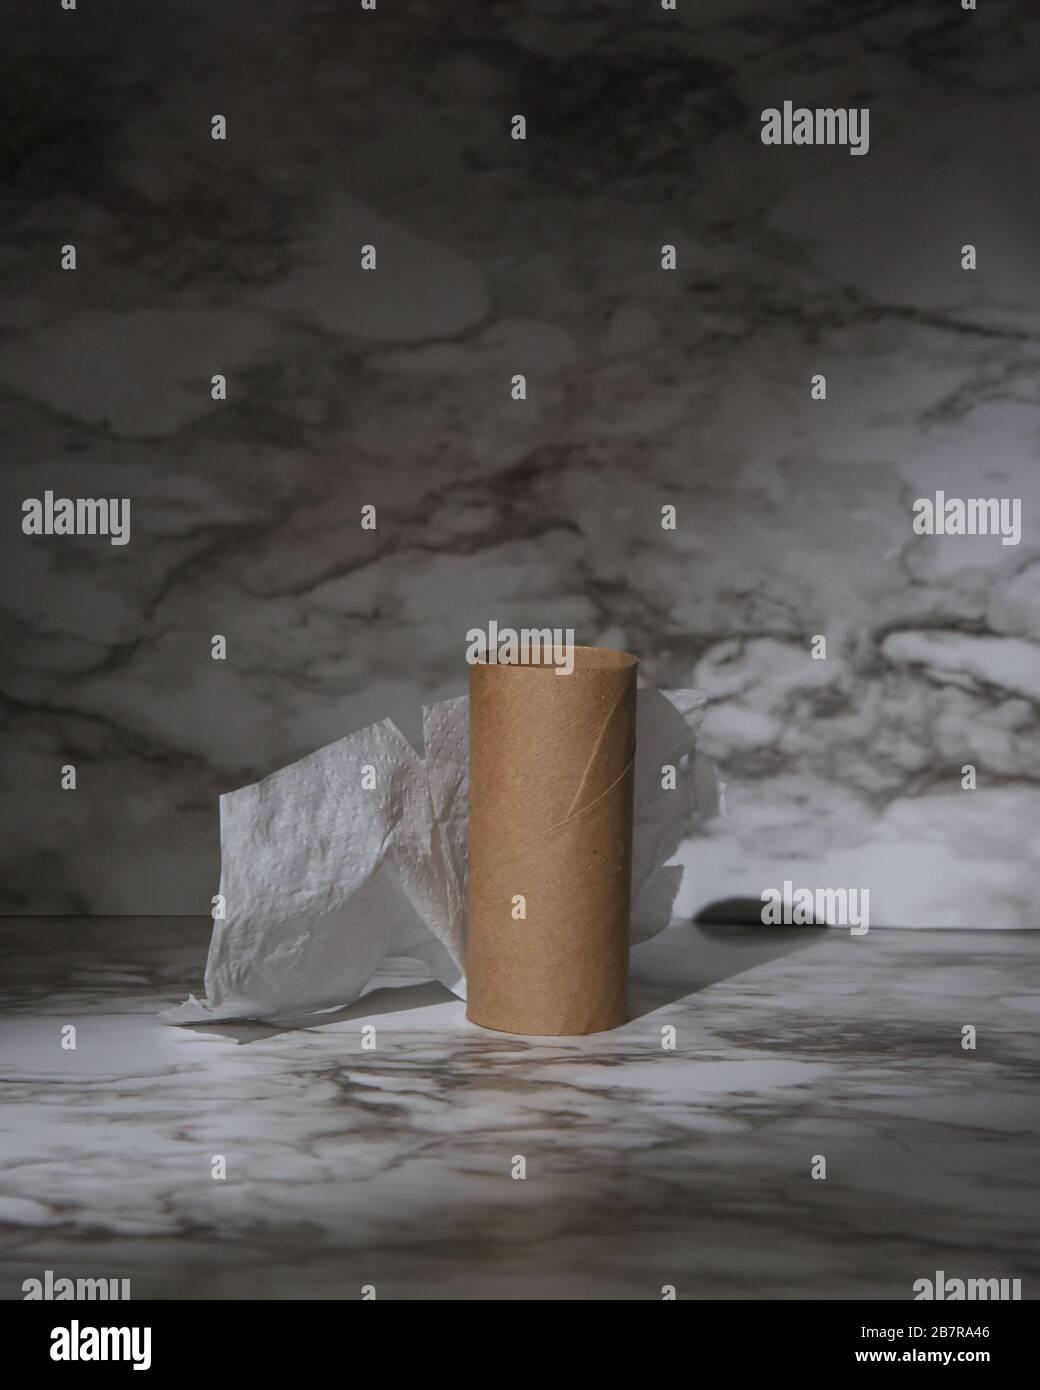 Un rouleau de papier toilette vide et utilisé avec un coup de projecteur sur l'objet pour une pénurie de papier toilette de l'offre et de la demande sur la pandémie du virus corona. Banque D'Images